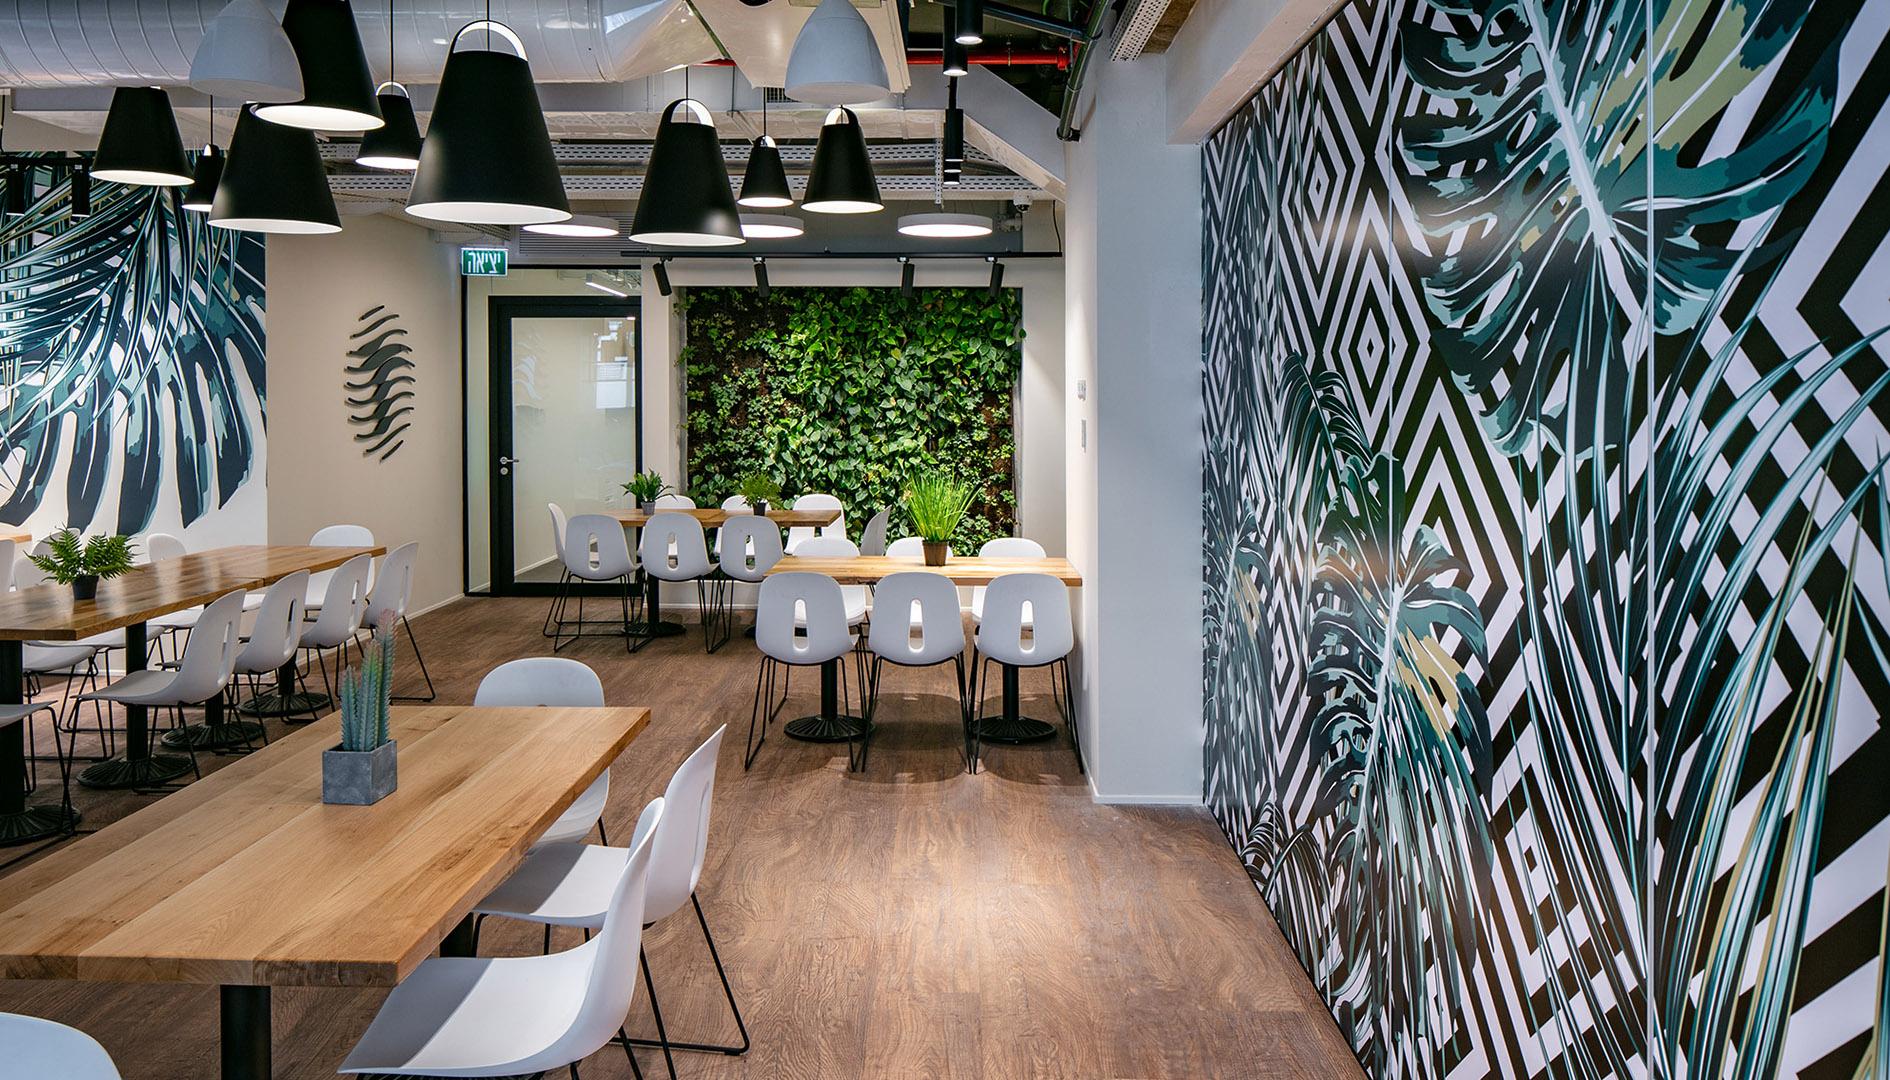 עיצוב משרדים | מיתוג גרפי | חברת תדיראן | קפיטריה | עיצוב גרפי במרחב | מיתוג משרדים | עיצוב חללי עבודה | עיצוב קירות